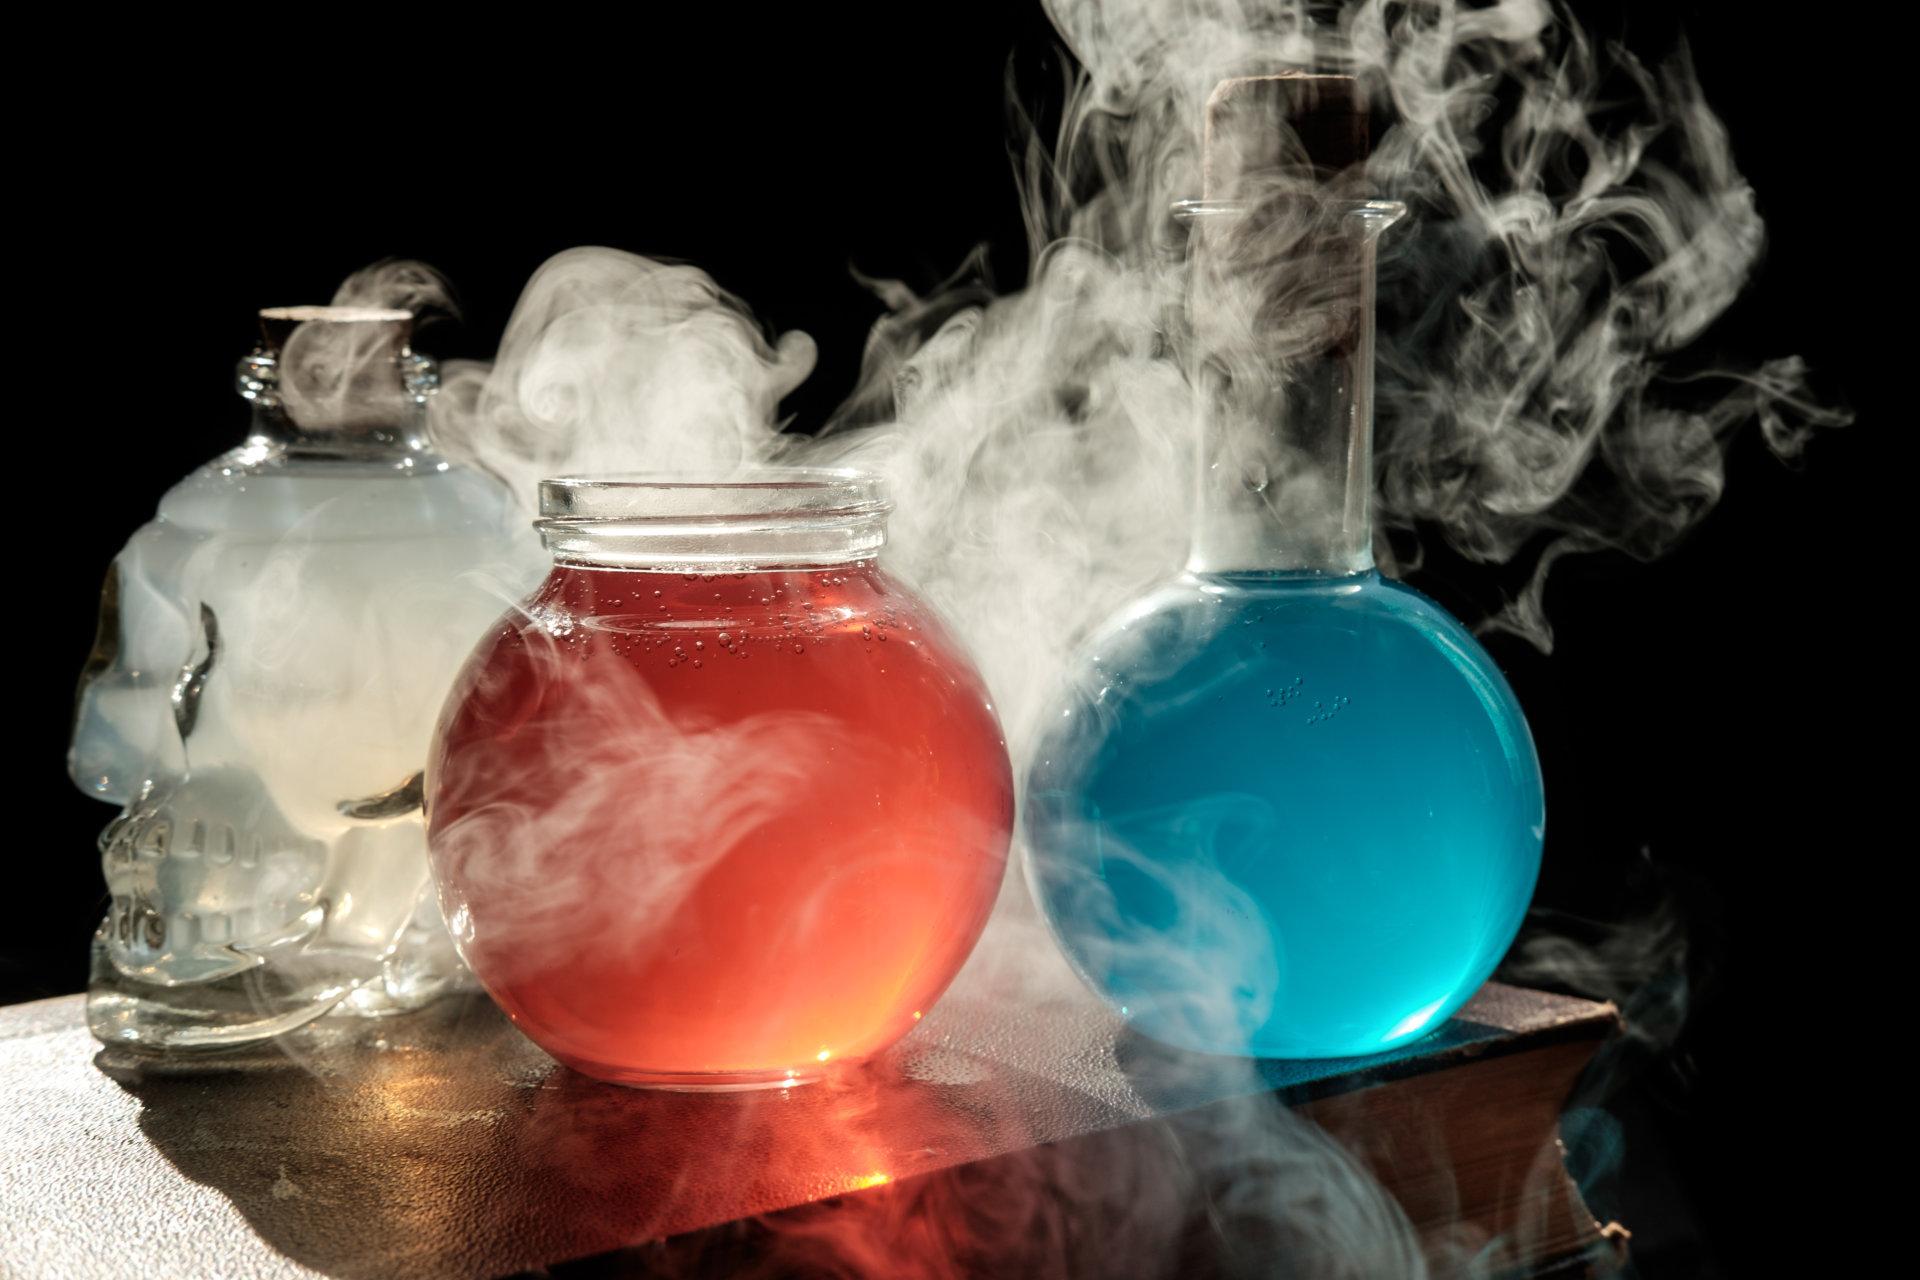 Реклама в интернете. Обучение алхимии интернет-маркетинга